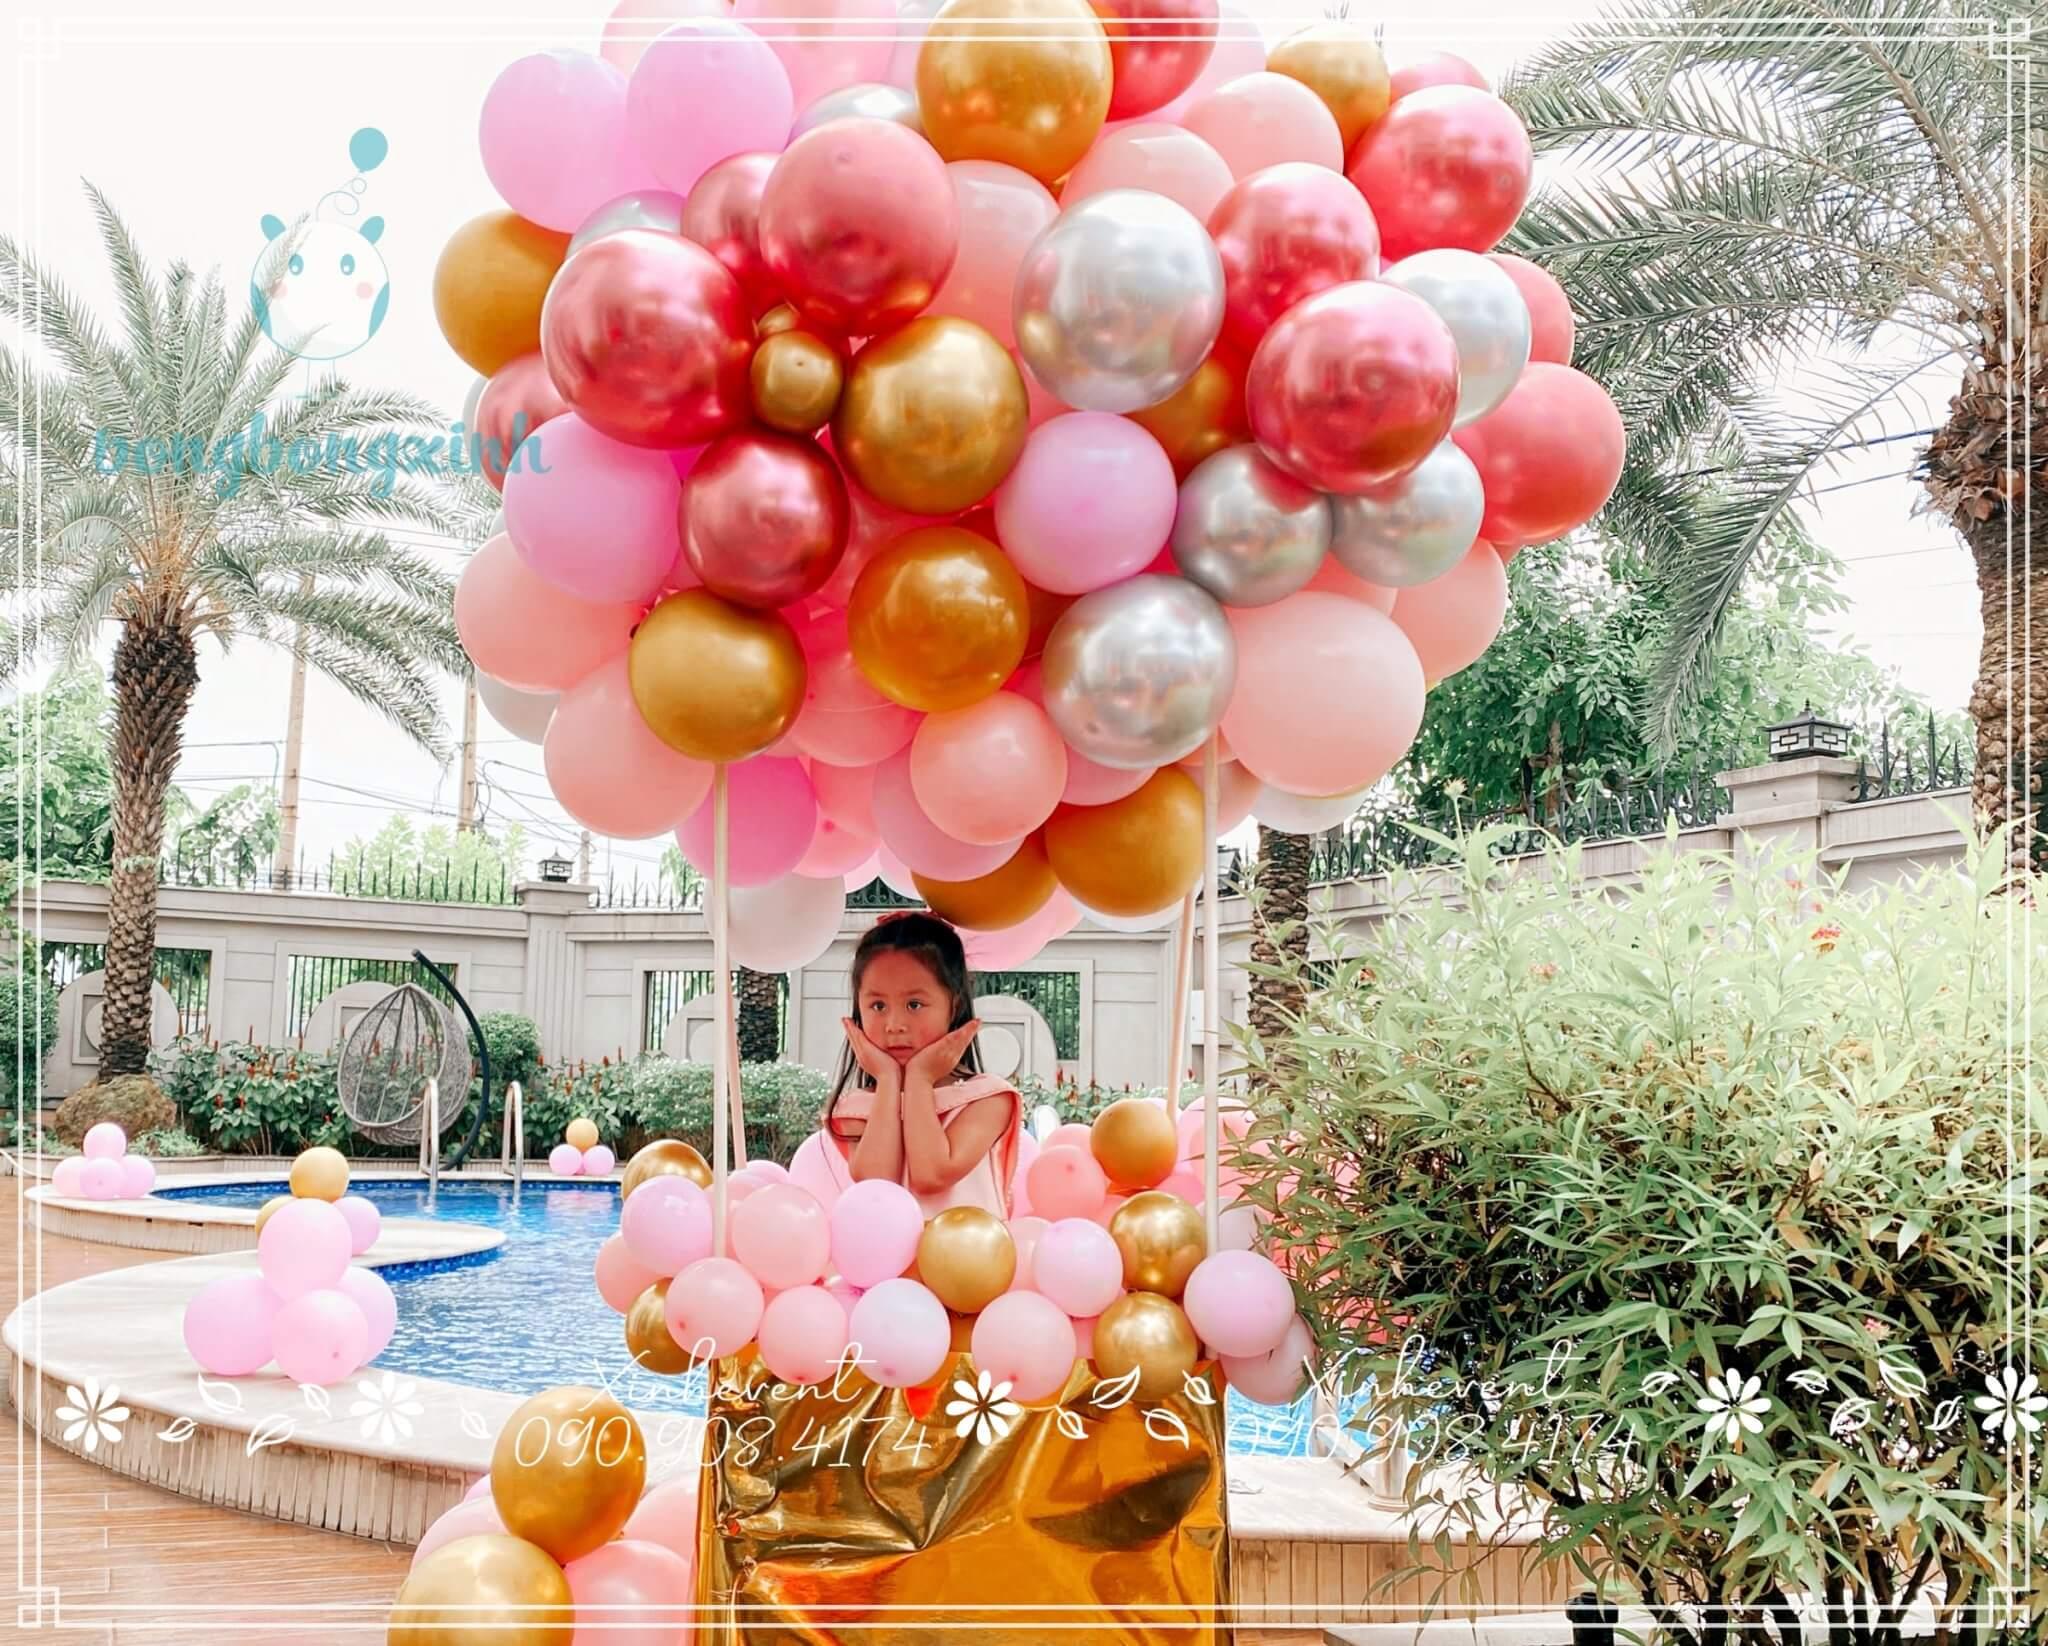 Bé Katerina dễ thương chụp hình kỷ niệm cùng tiểu cảnh khinh khí cầu